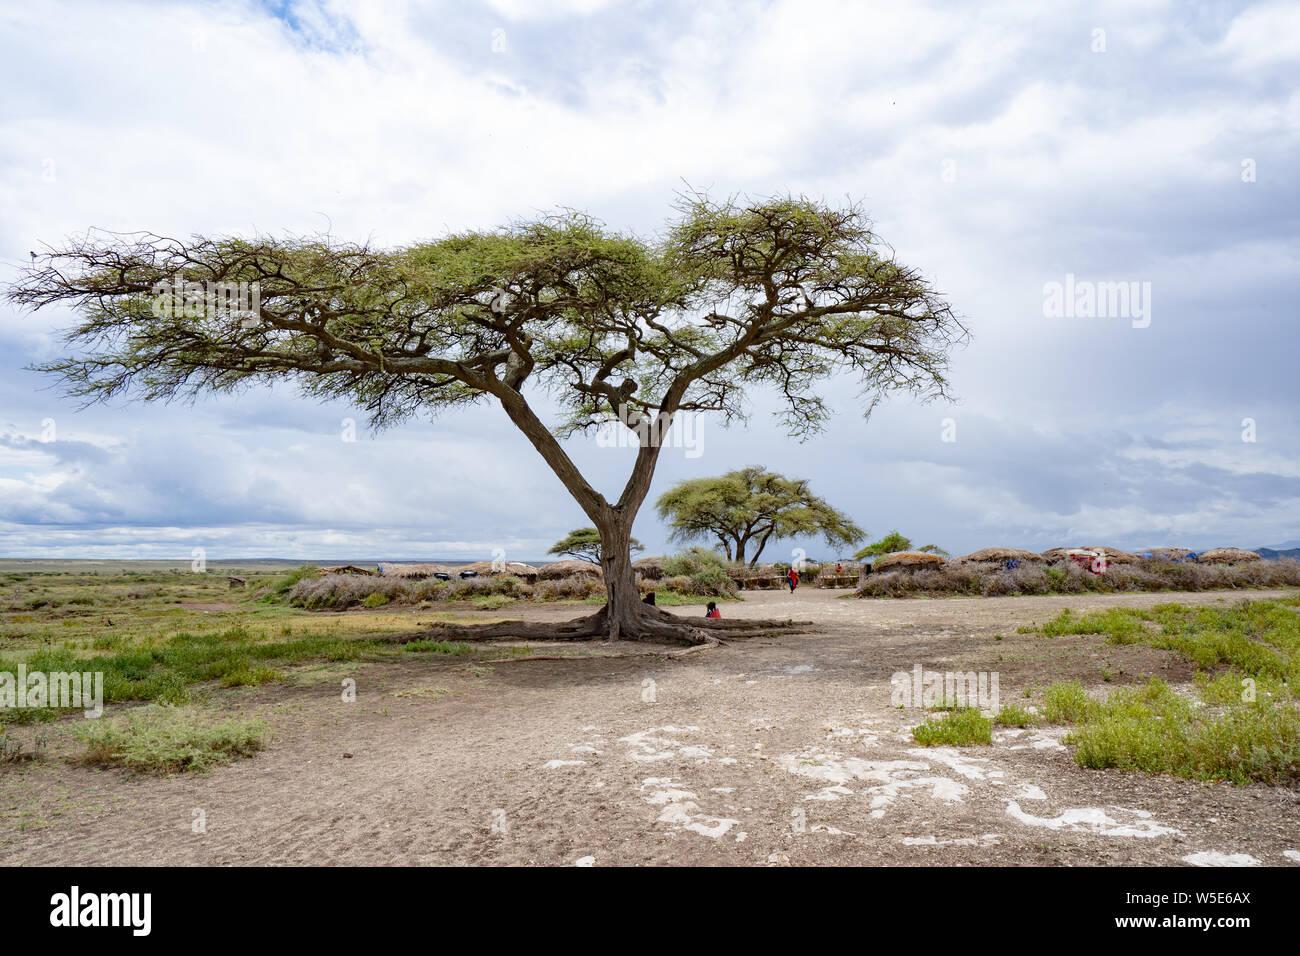 Acacia tree at The Serengeti National Park, Tanzania Banque D'Images